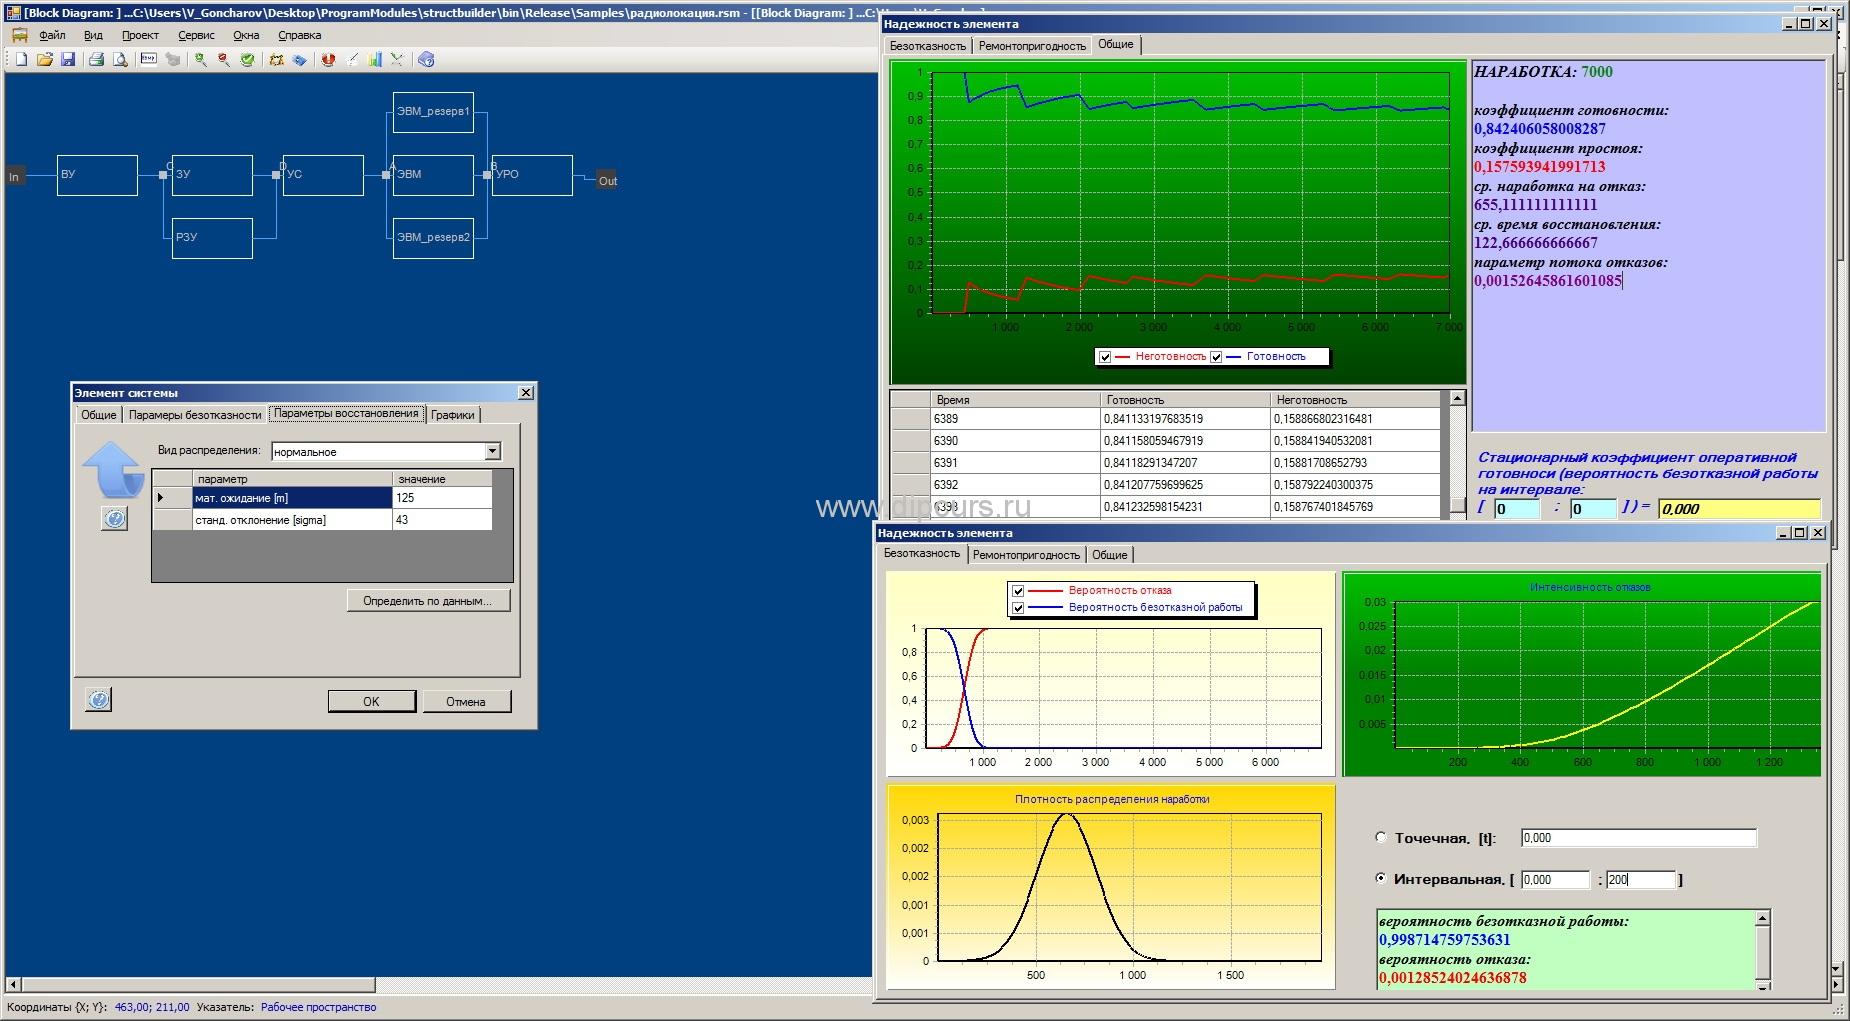 Разработка программ dipcurs Диаграмма надежности элемента модели в программе дипломной работы